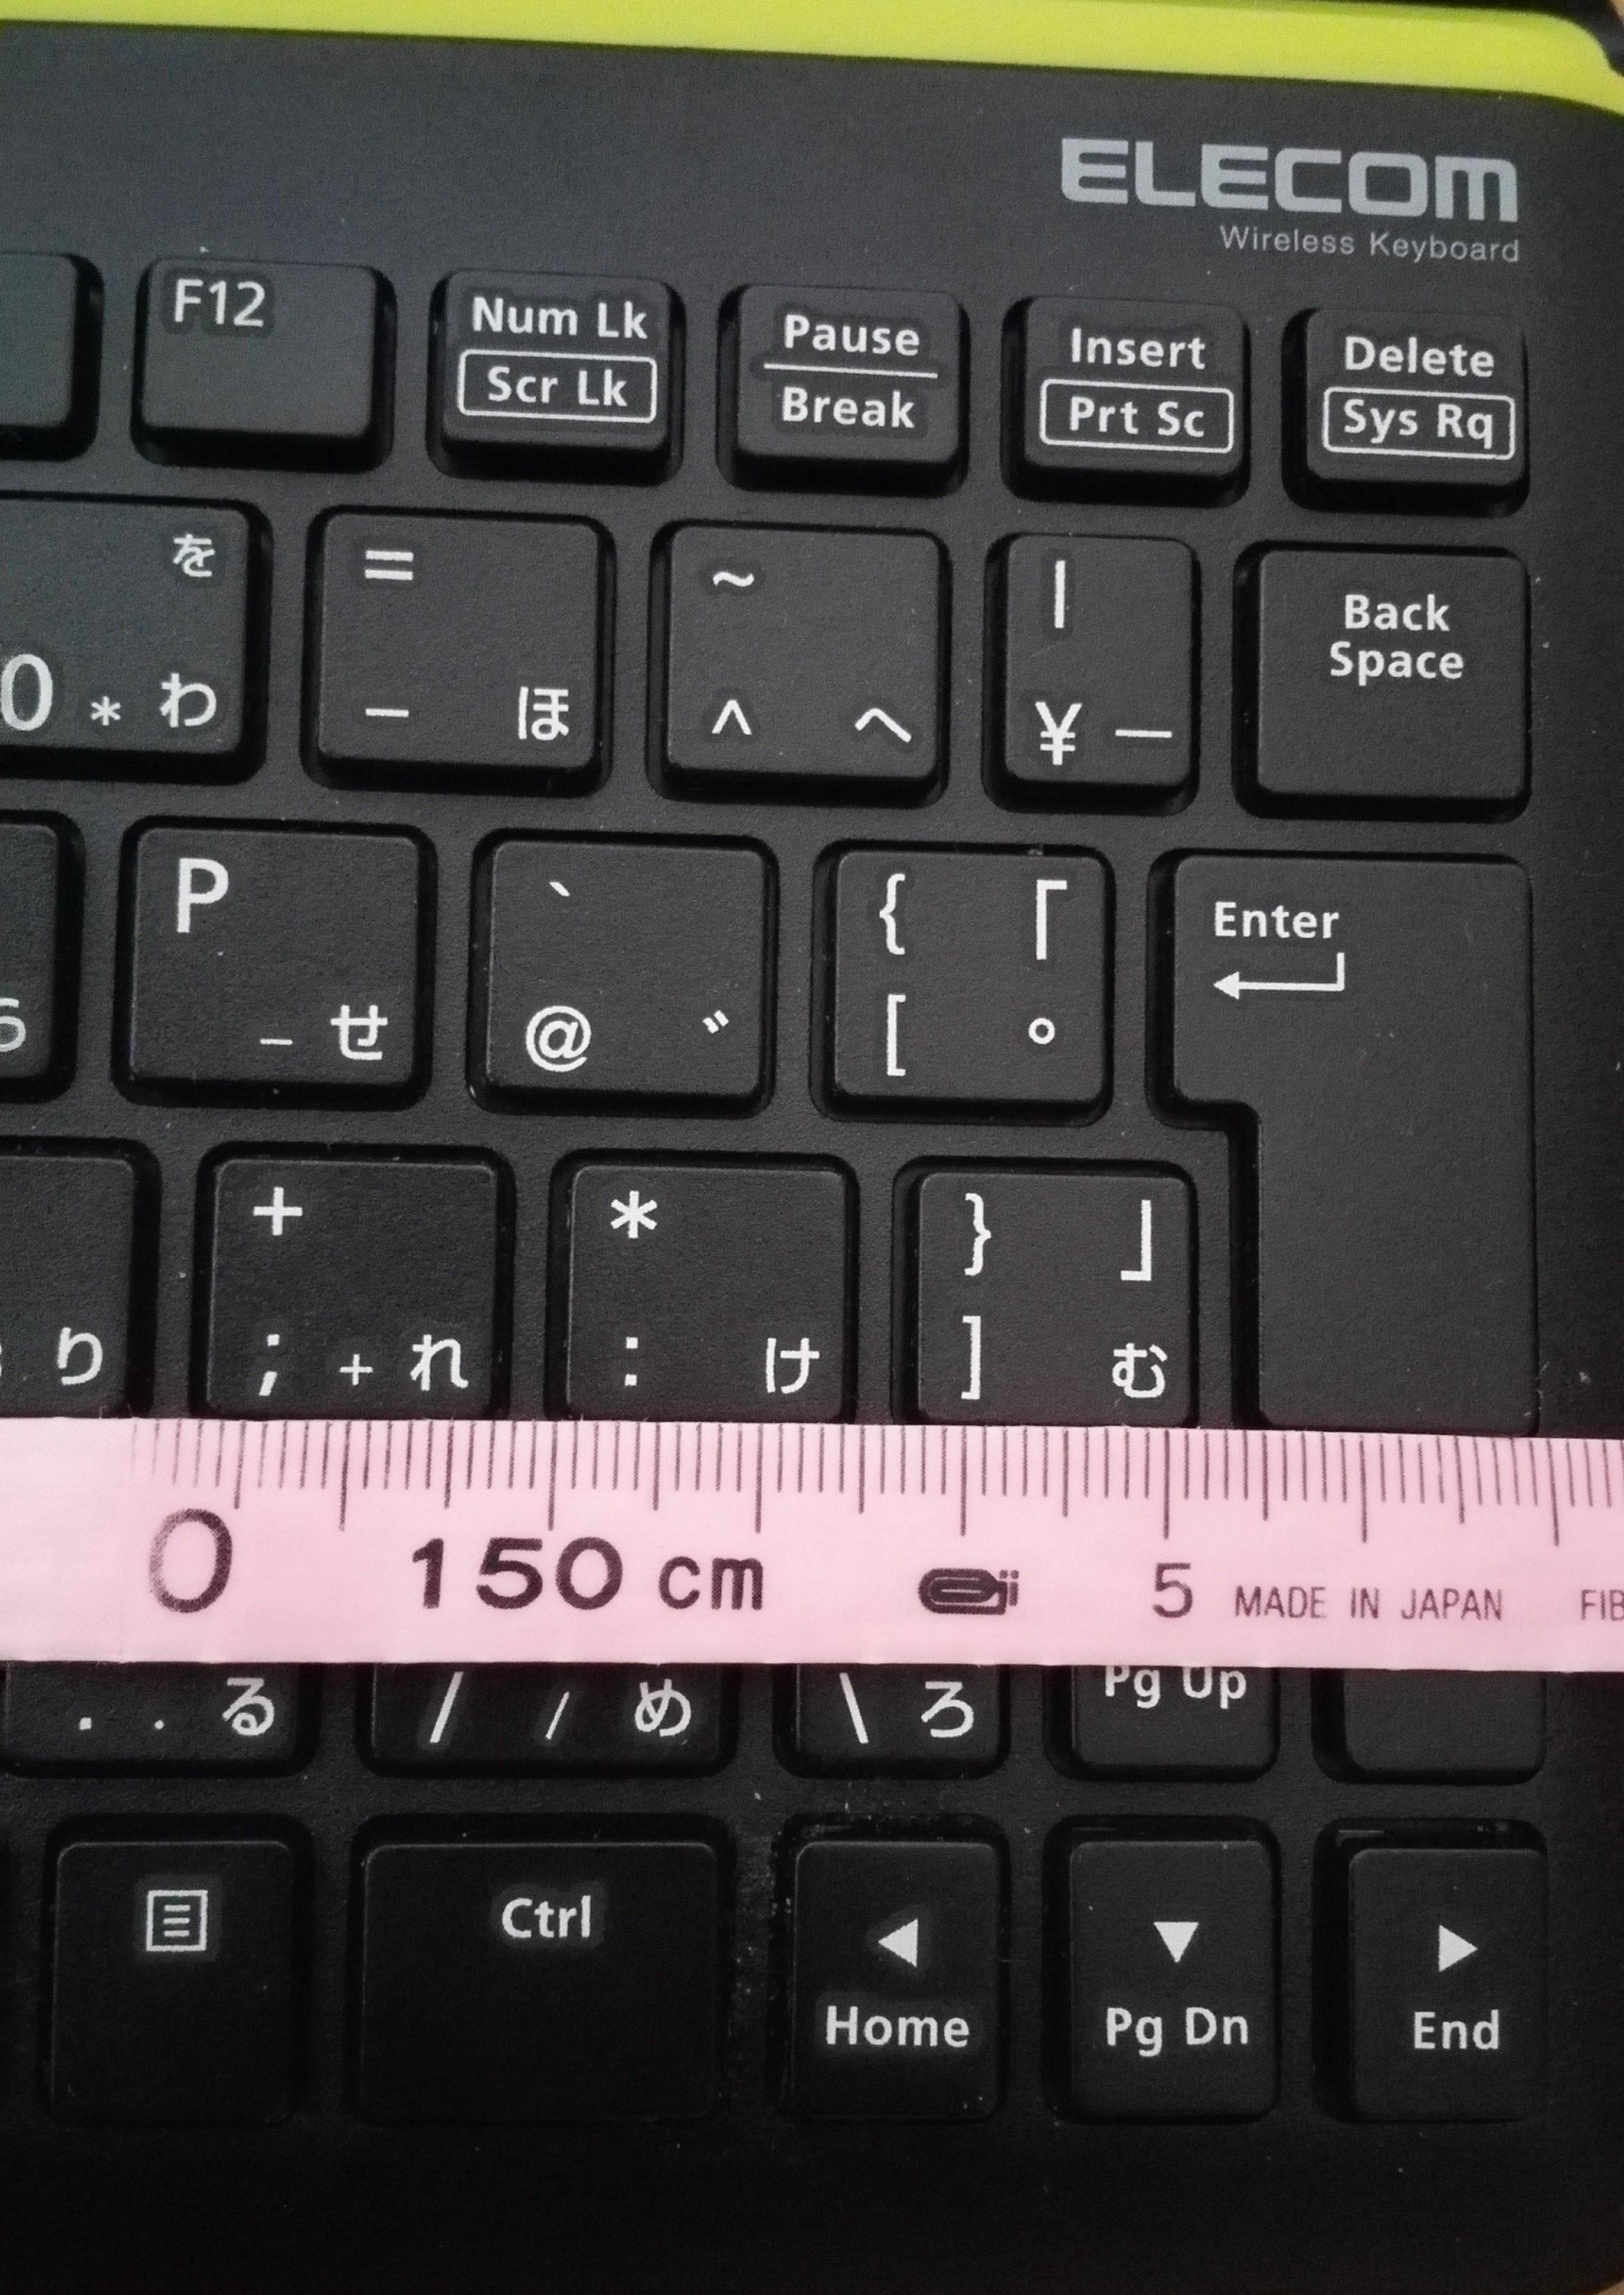 [エレコム TK-FBP067BKレビュー]WindowsやAndroidのタブレットをノートパソコン風に使用できるキーボード03